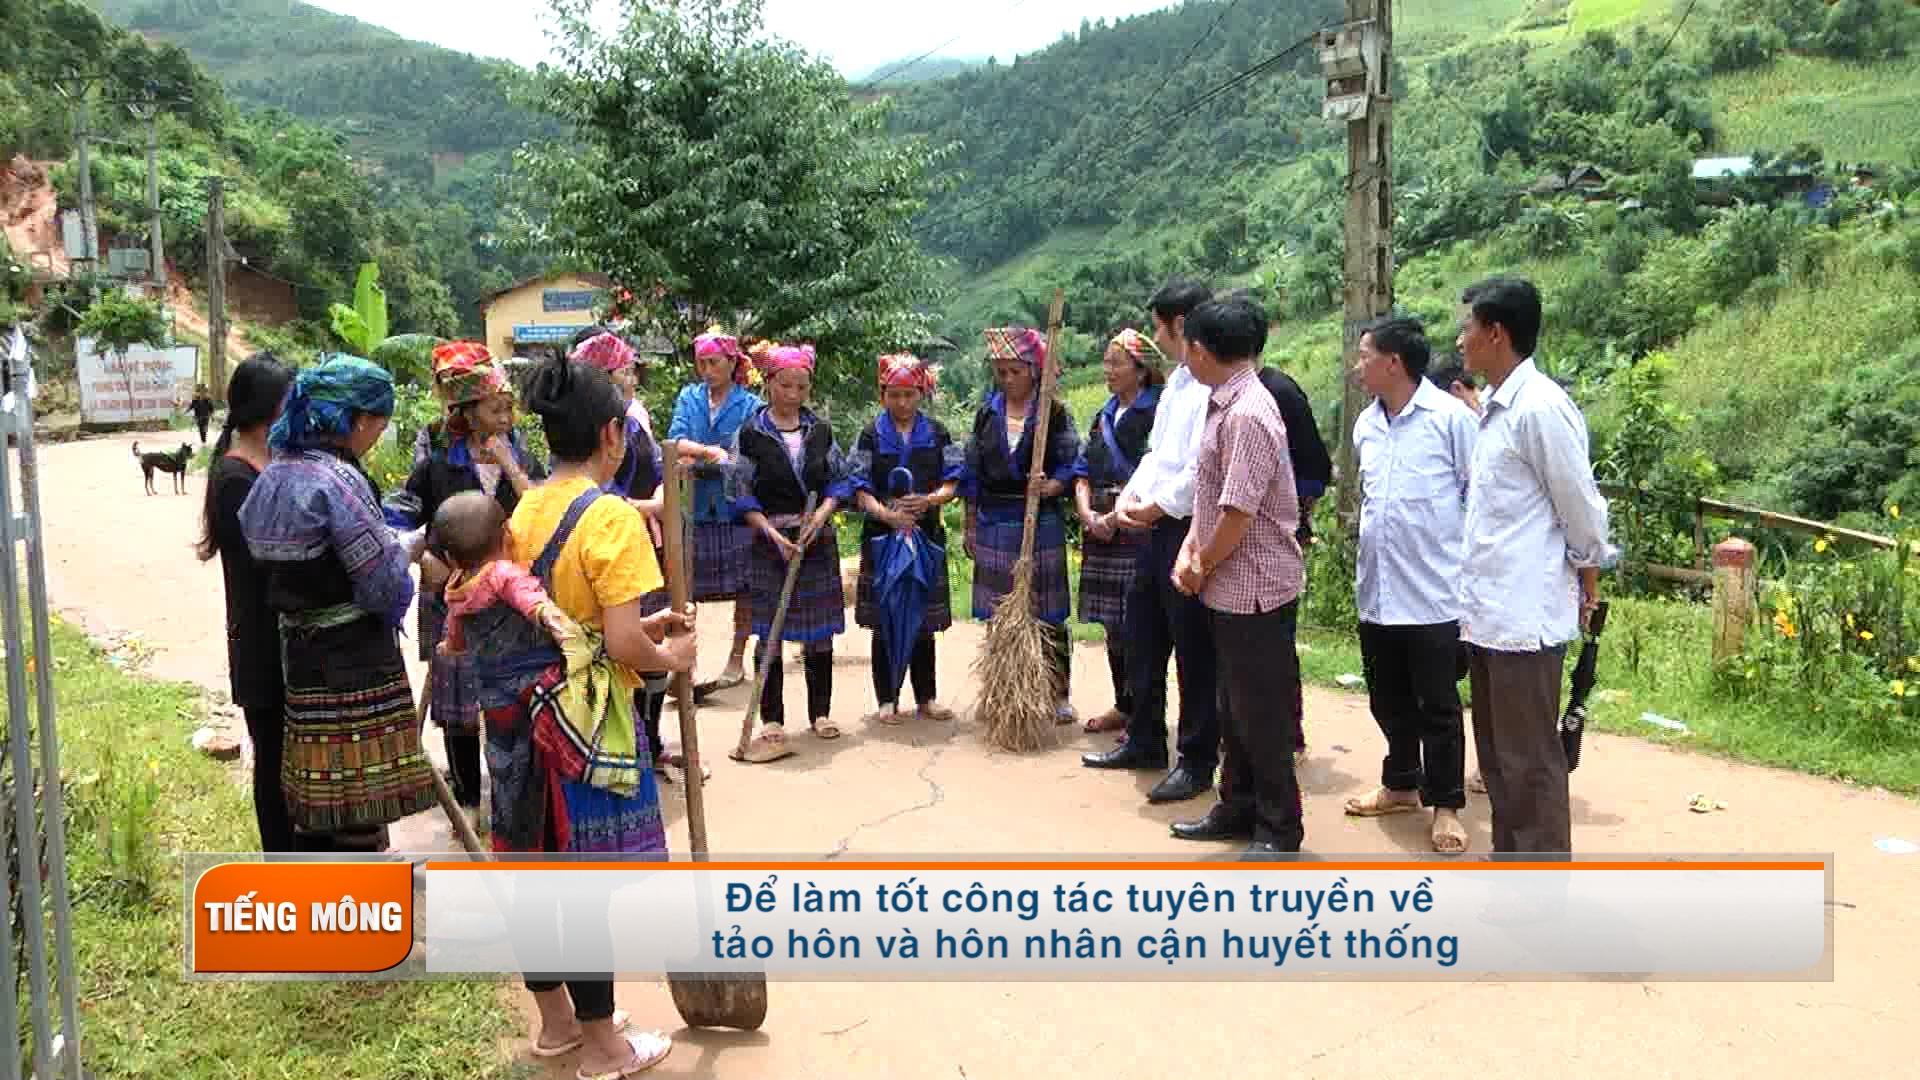 Tạp chí truyền hình tiếng Mông số 3 tháng 9 năm 2020